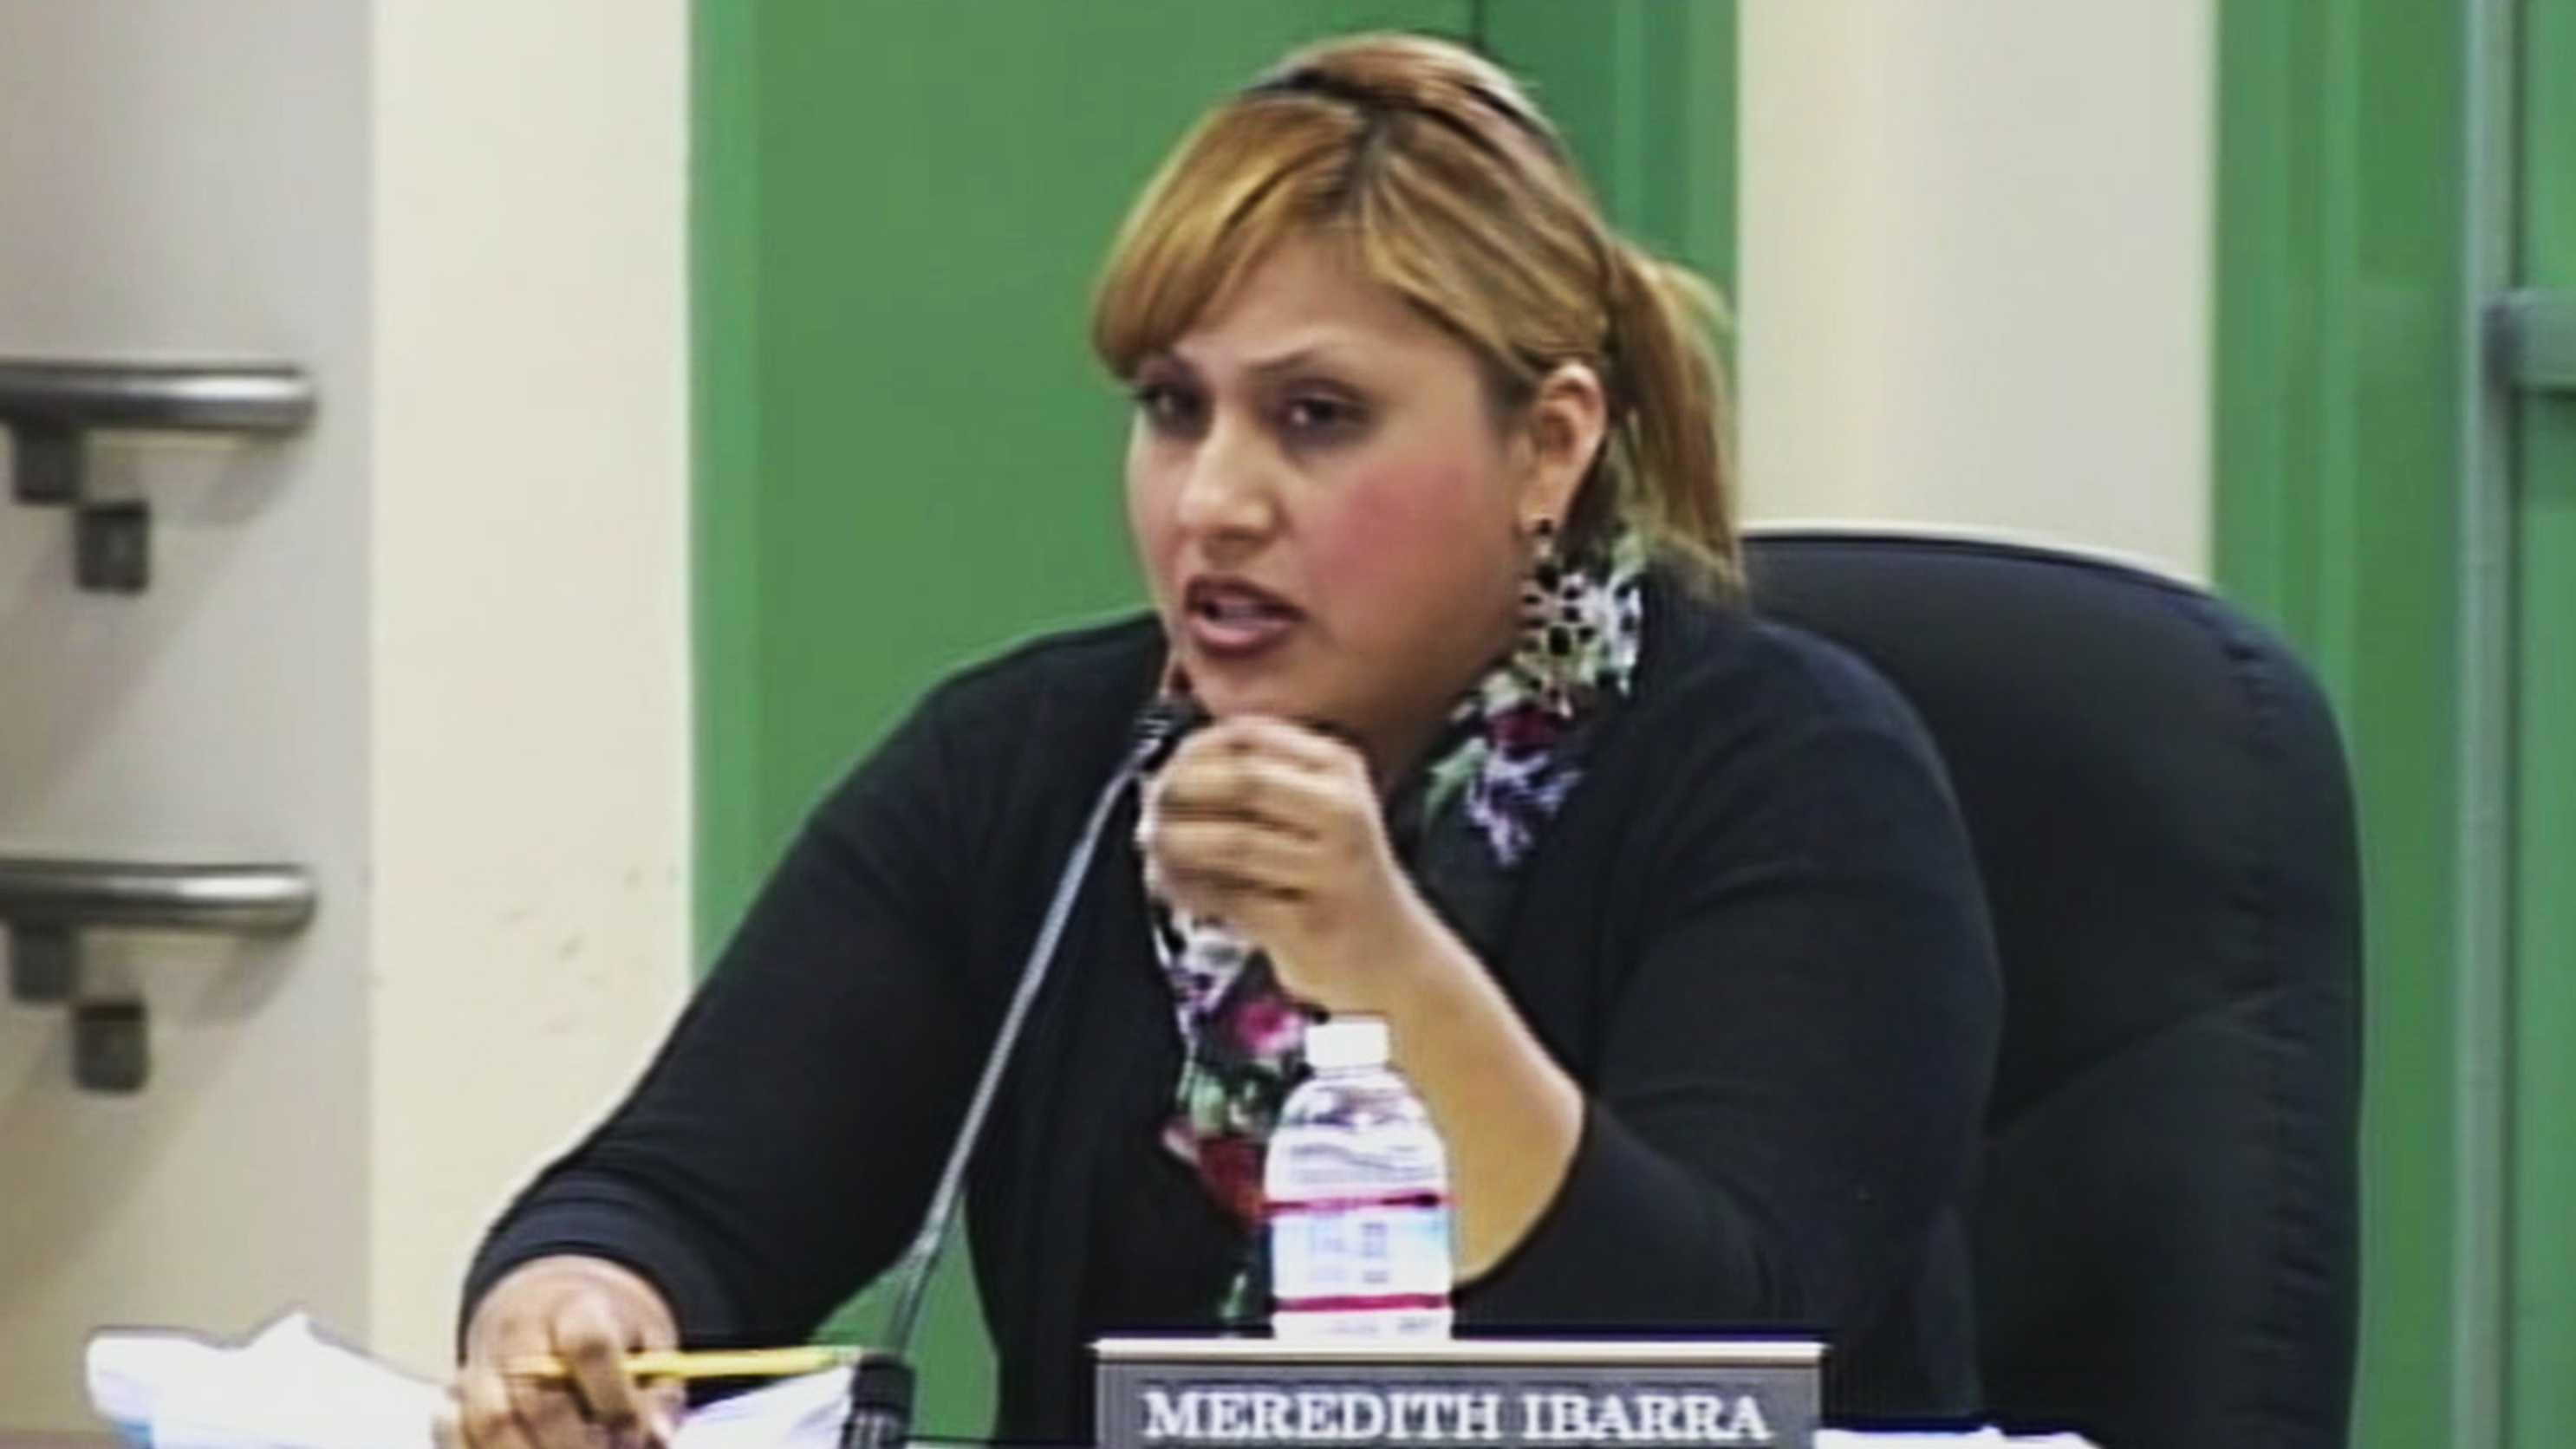 Meredith Ibarra